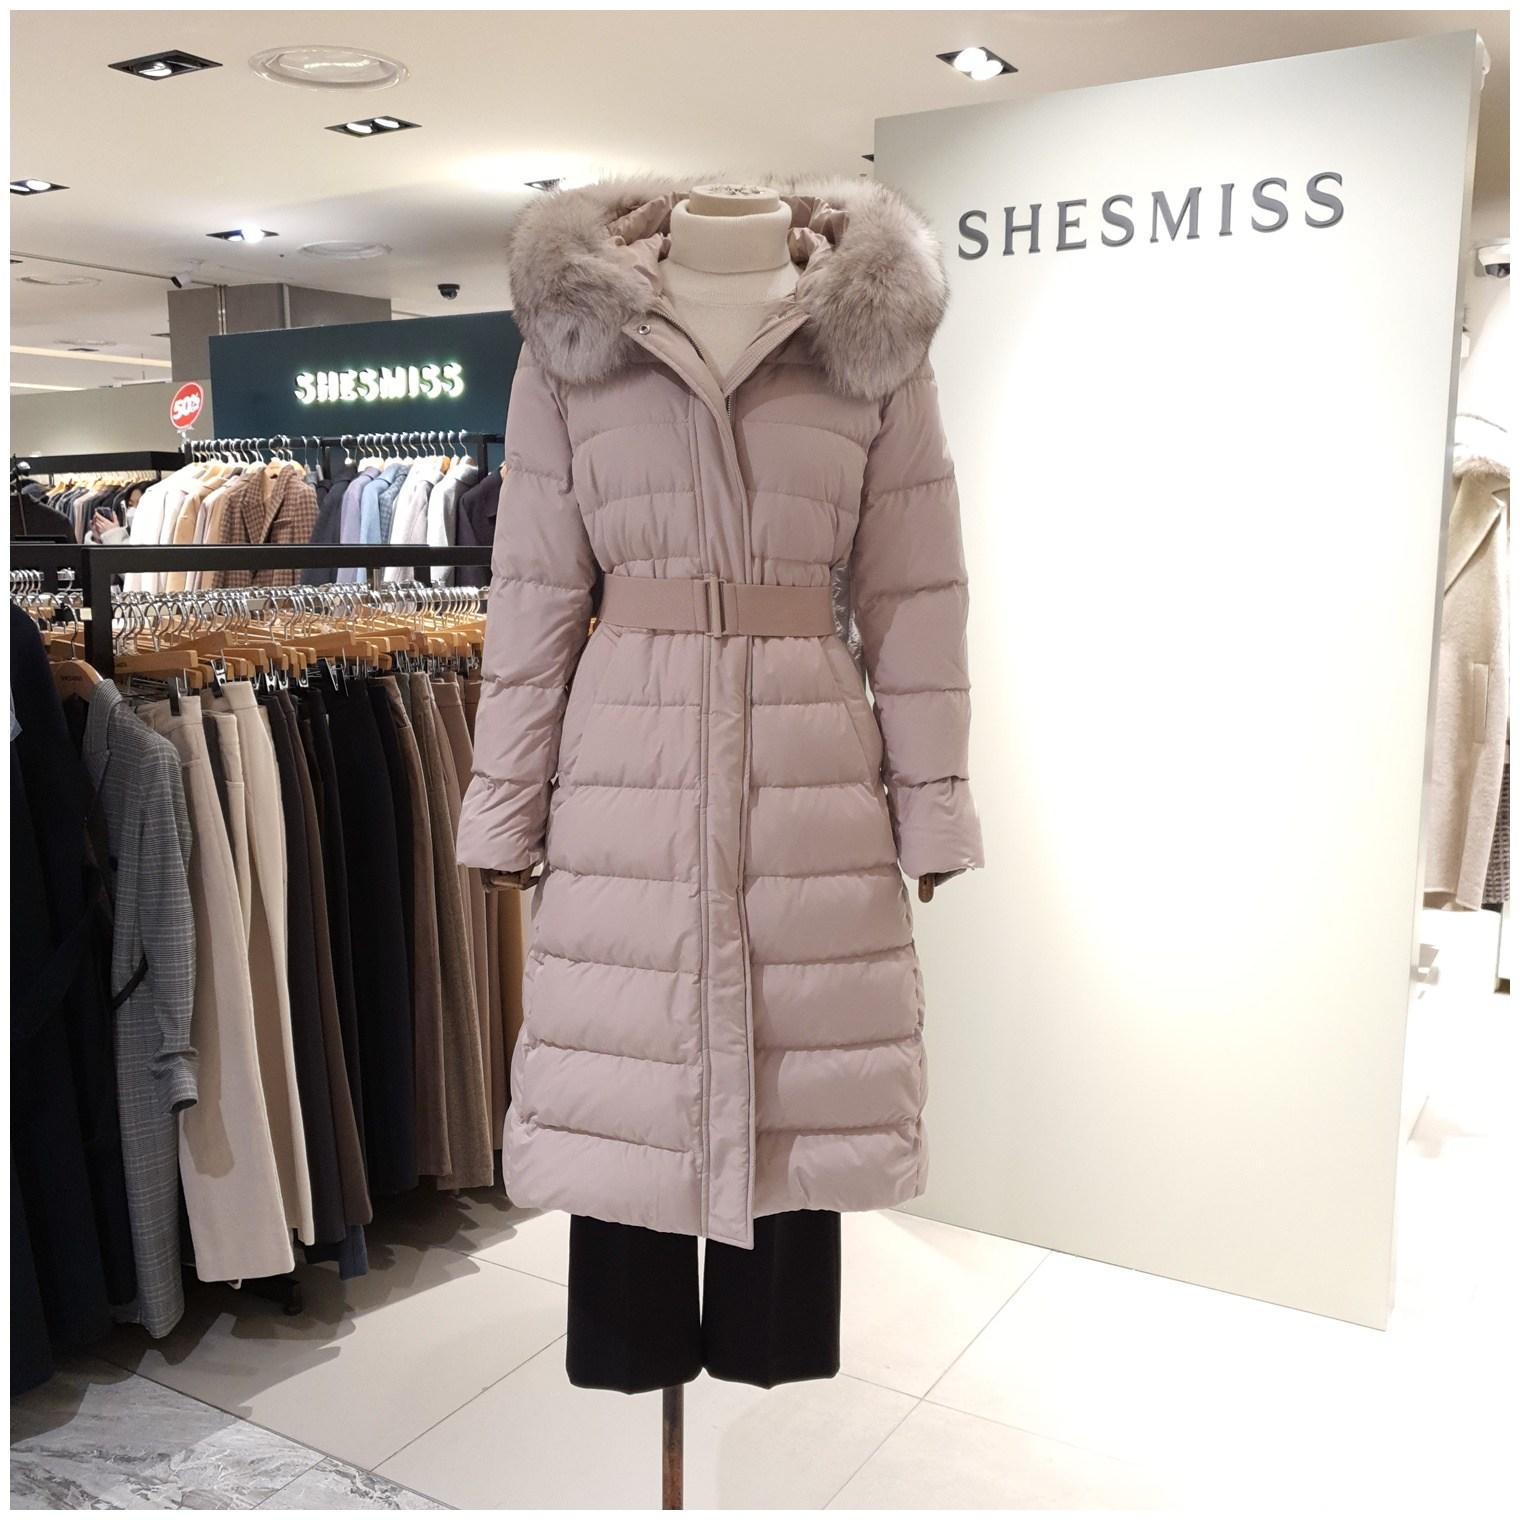 쉬즈미스 [NC강서점] 한겨울에도 포근하고 따듯하게 입을수 있는 폭스퍼후드 덕다운 벨티드 롱 패딩!!